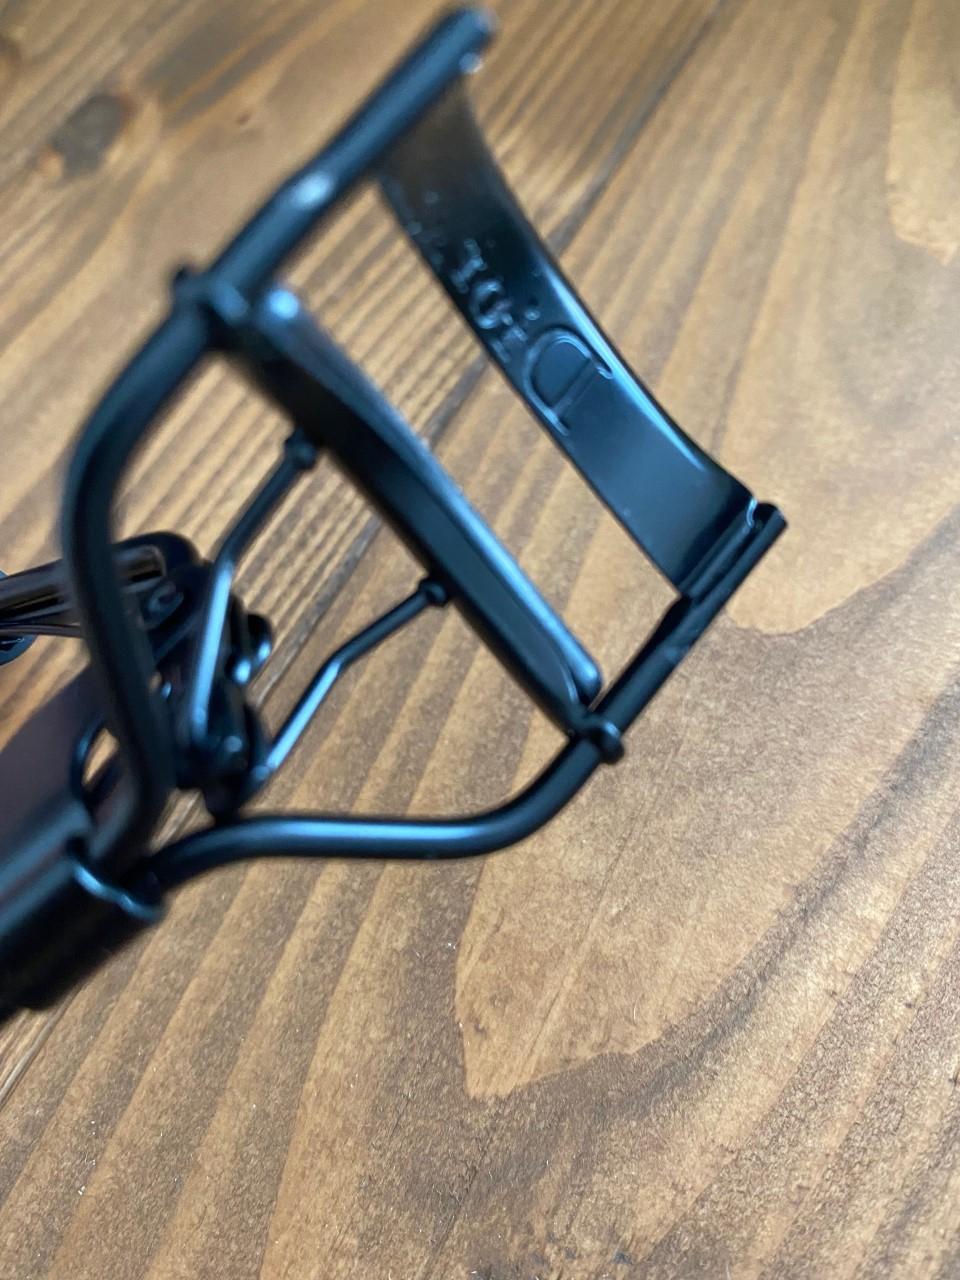 Dior(ディオール)バックステージ ラッシュ カーラーを使ったTomoeさんのクチコミ画像2